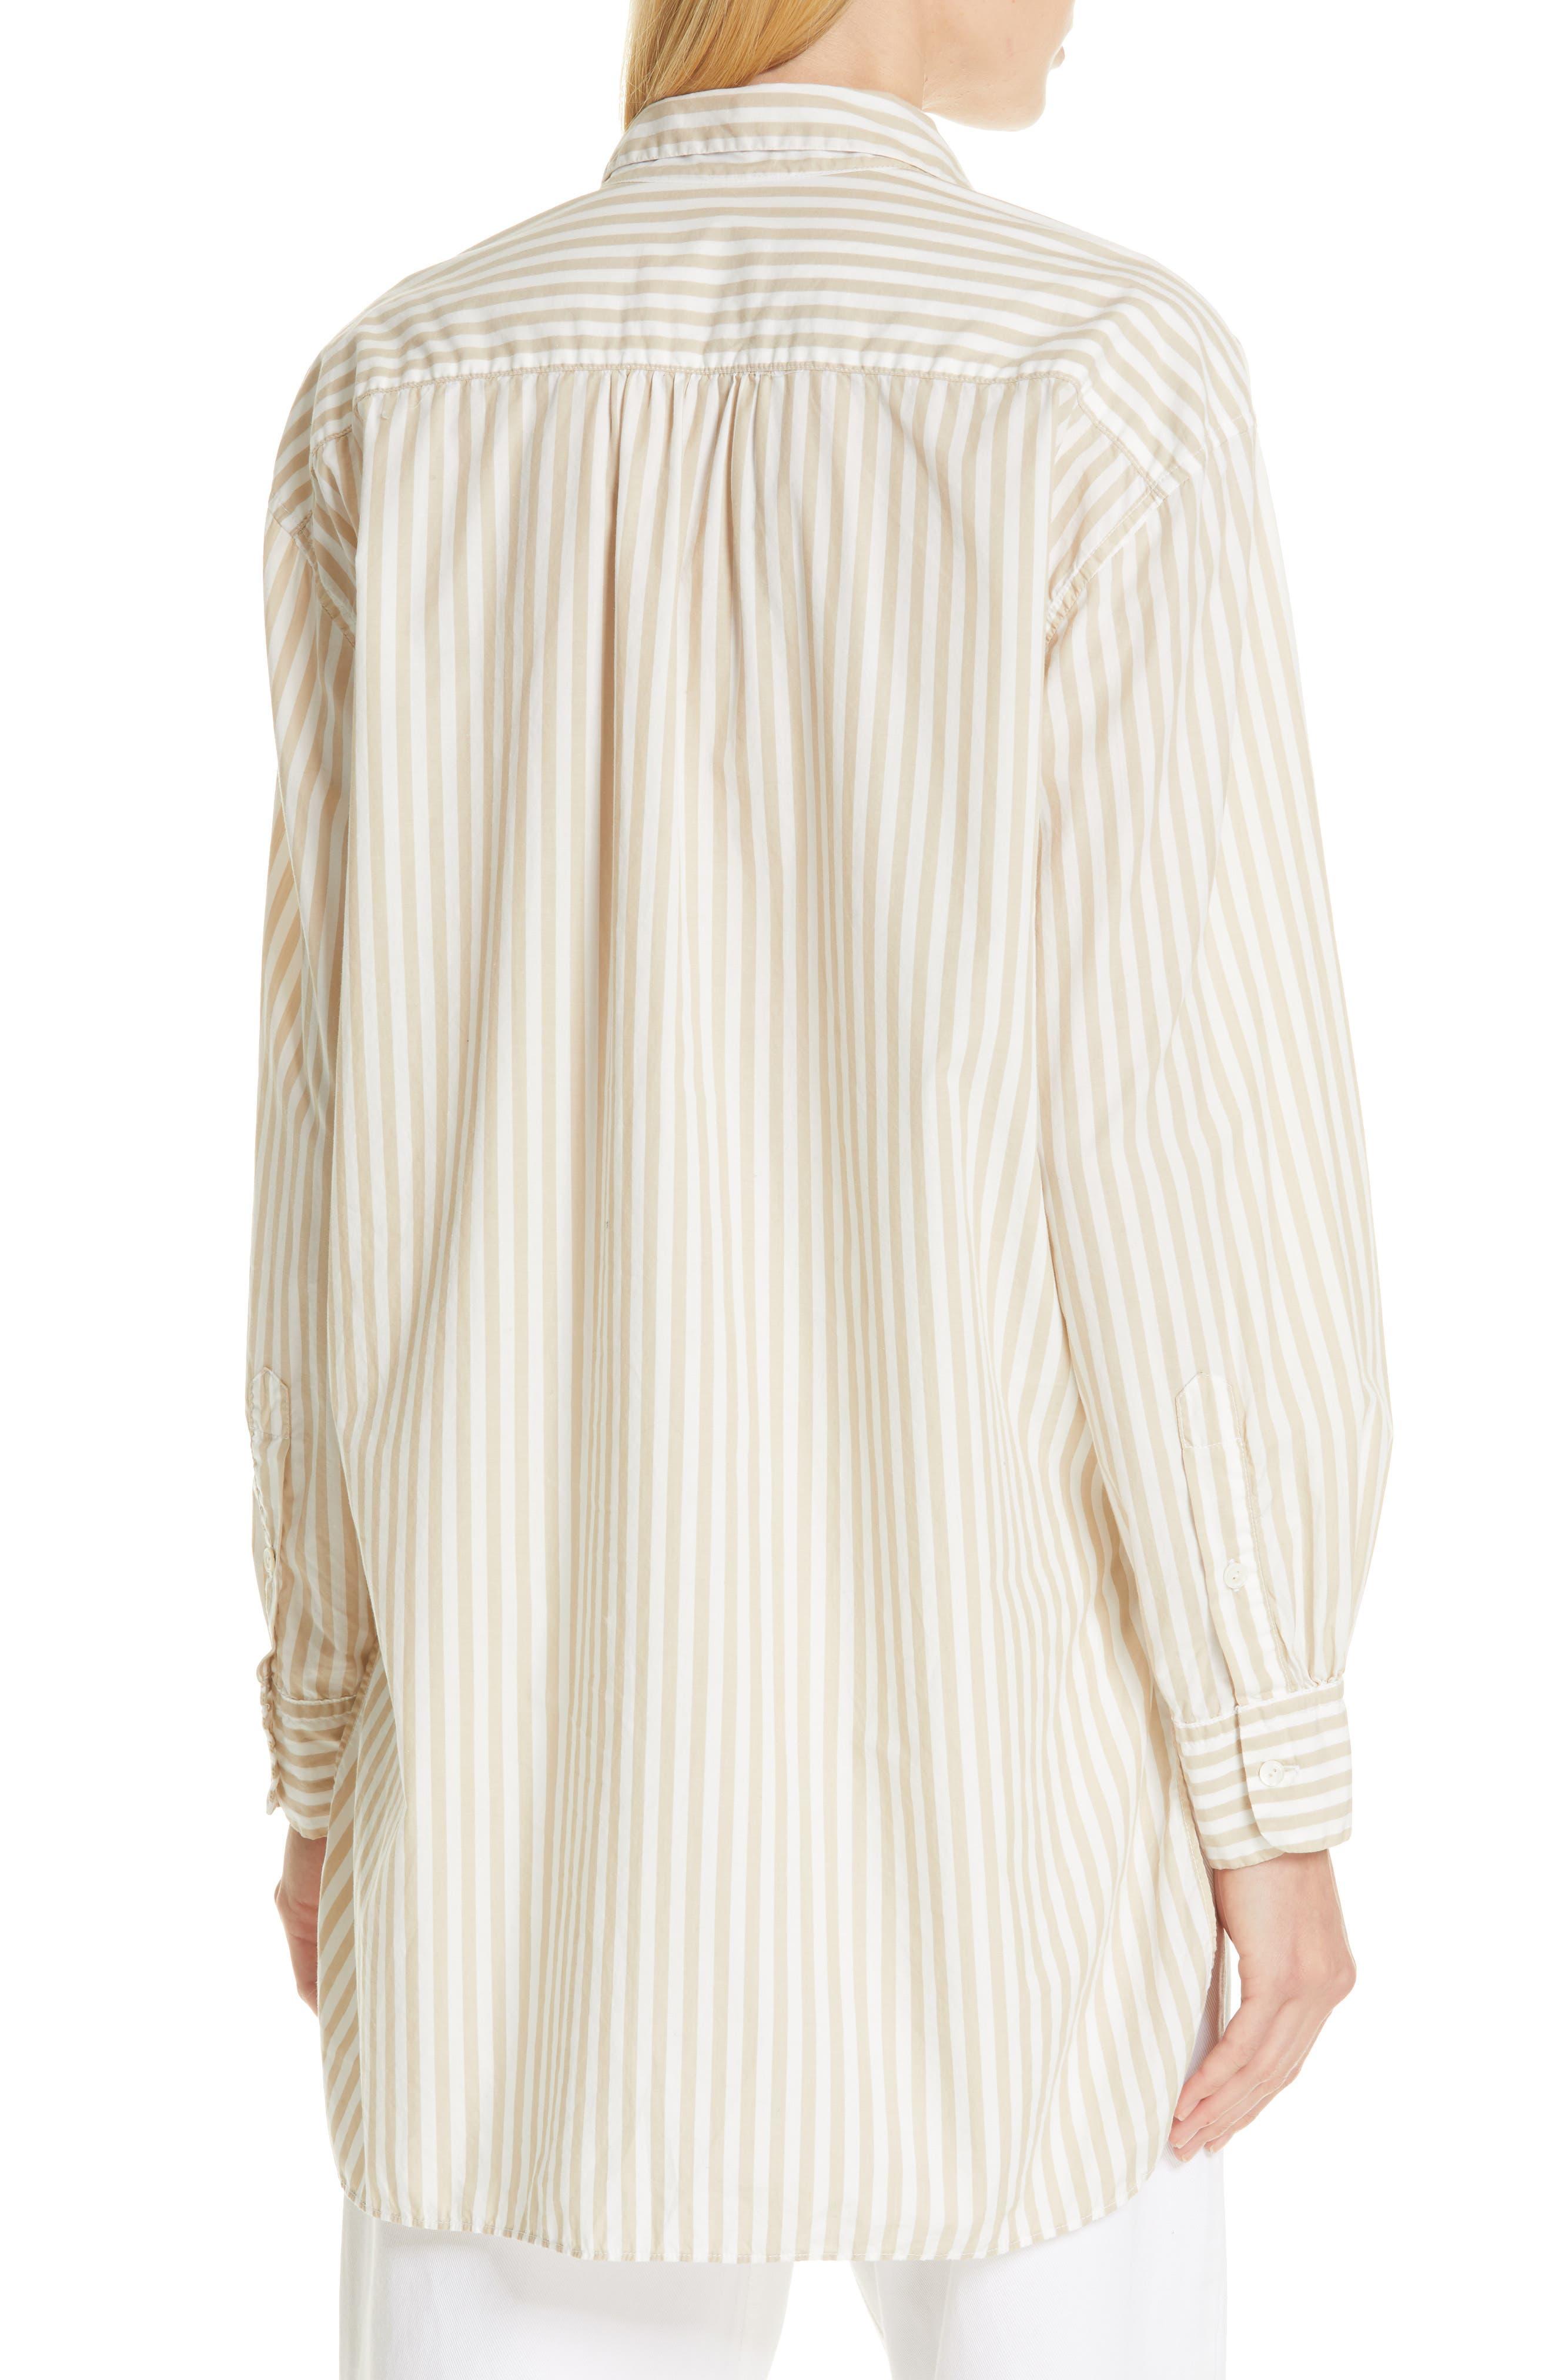 NILI LOTAN, Noa Stripe Shirt, Alternate thumbnail 2, color, TAN STRIPE